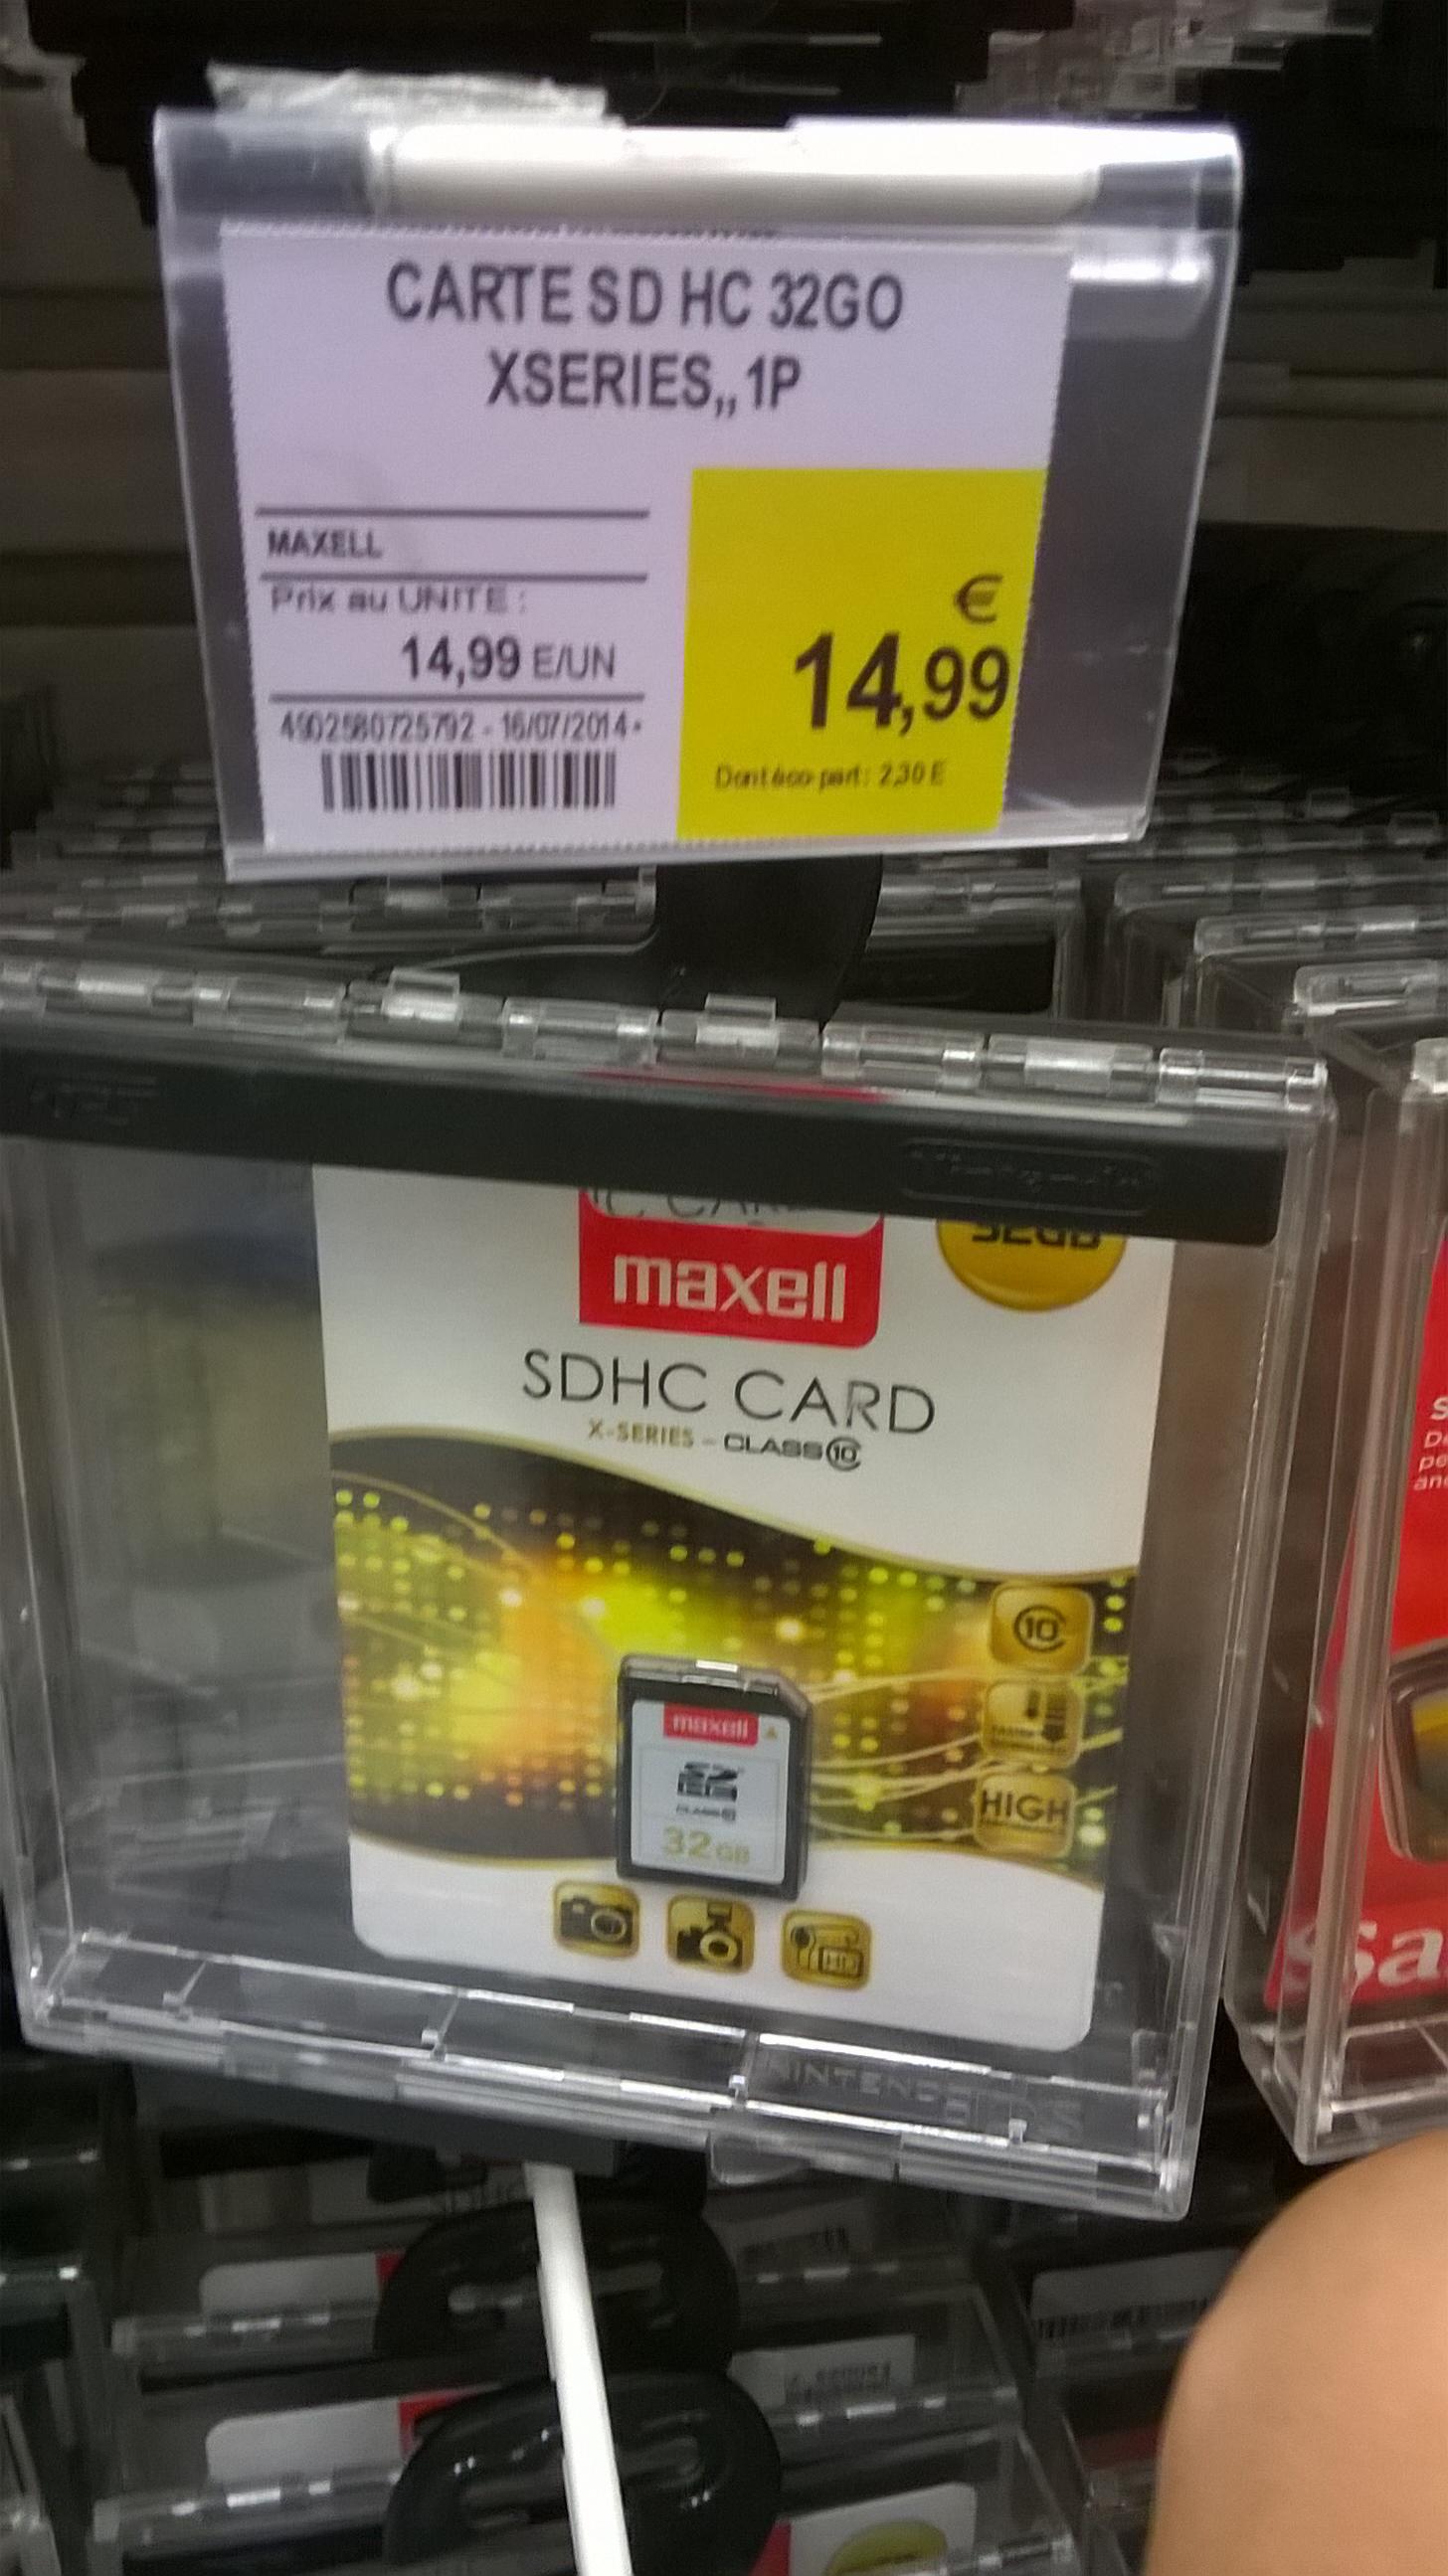 Carte mémoire SDHC Maxell Classe 10 - 64 Go à 29.99€, 32Go à 14.99€, 16 Go à 7.99€, 8 Go